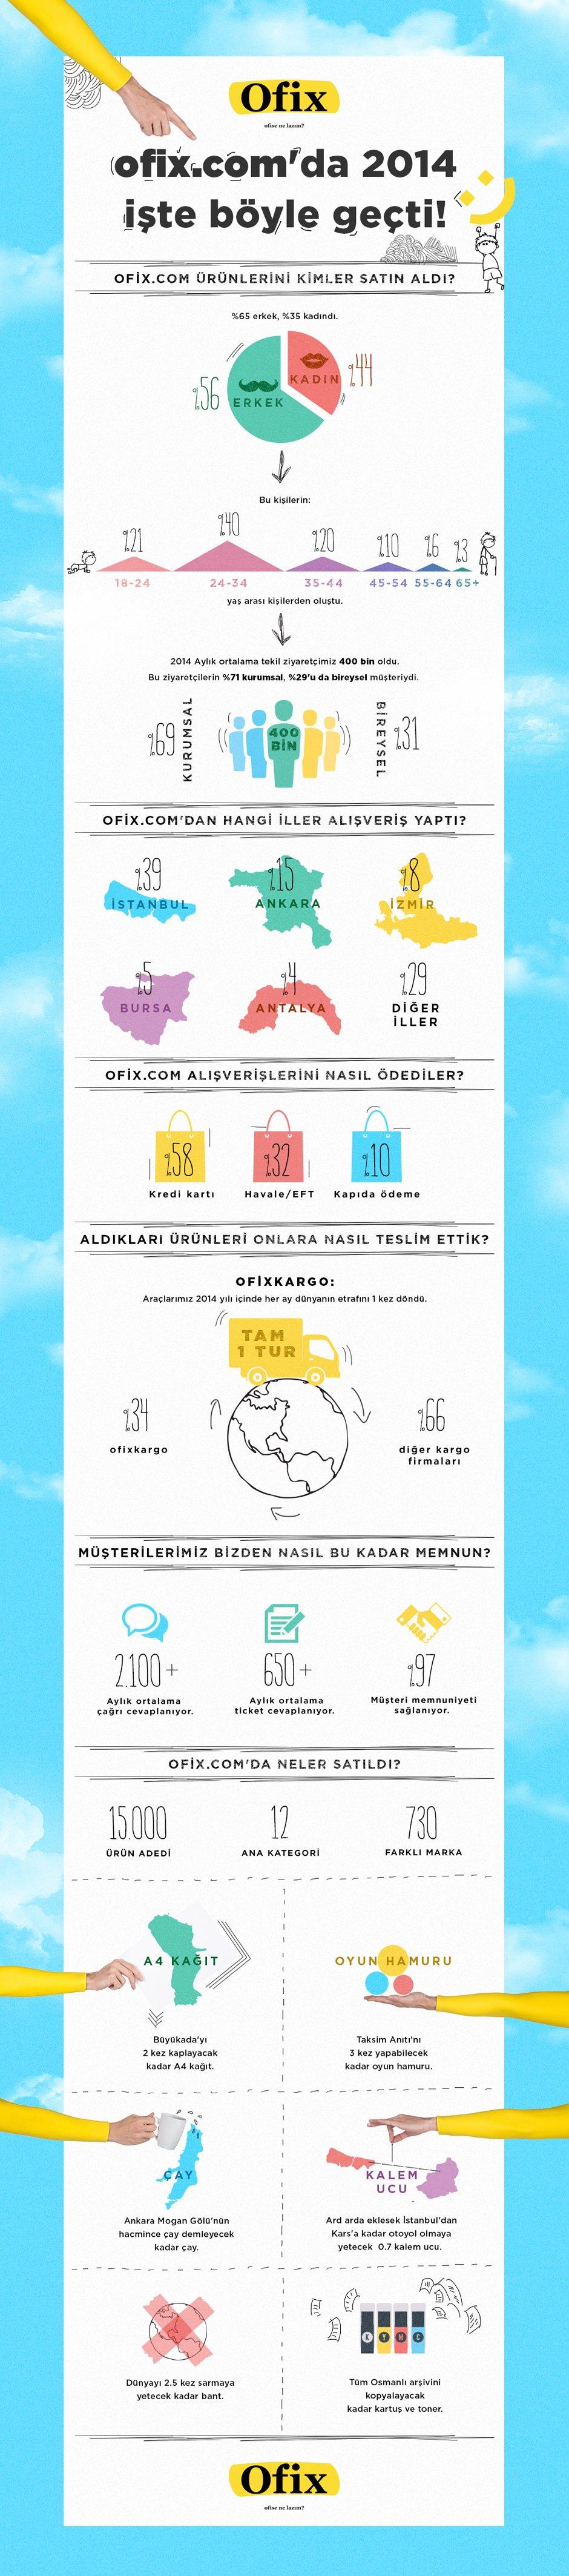 ofix-infografik